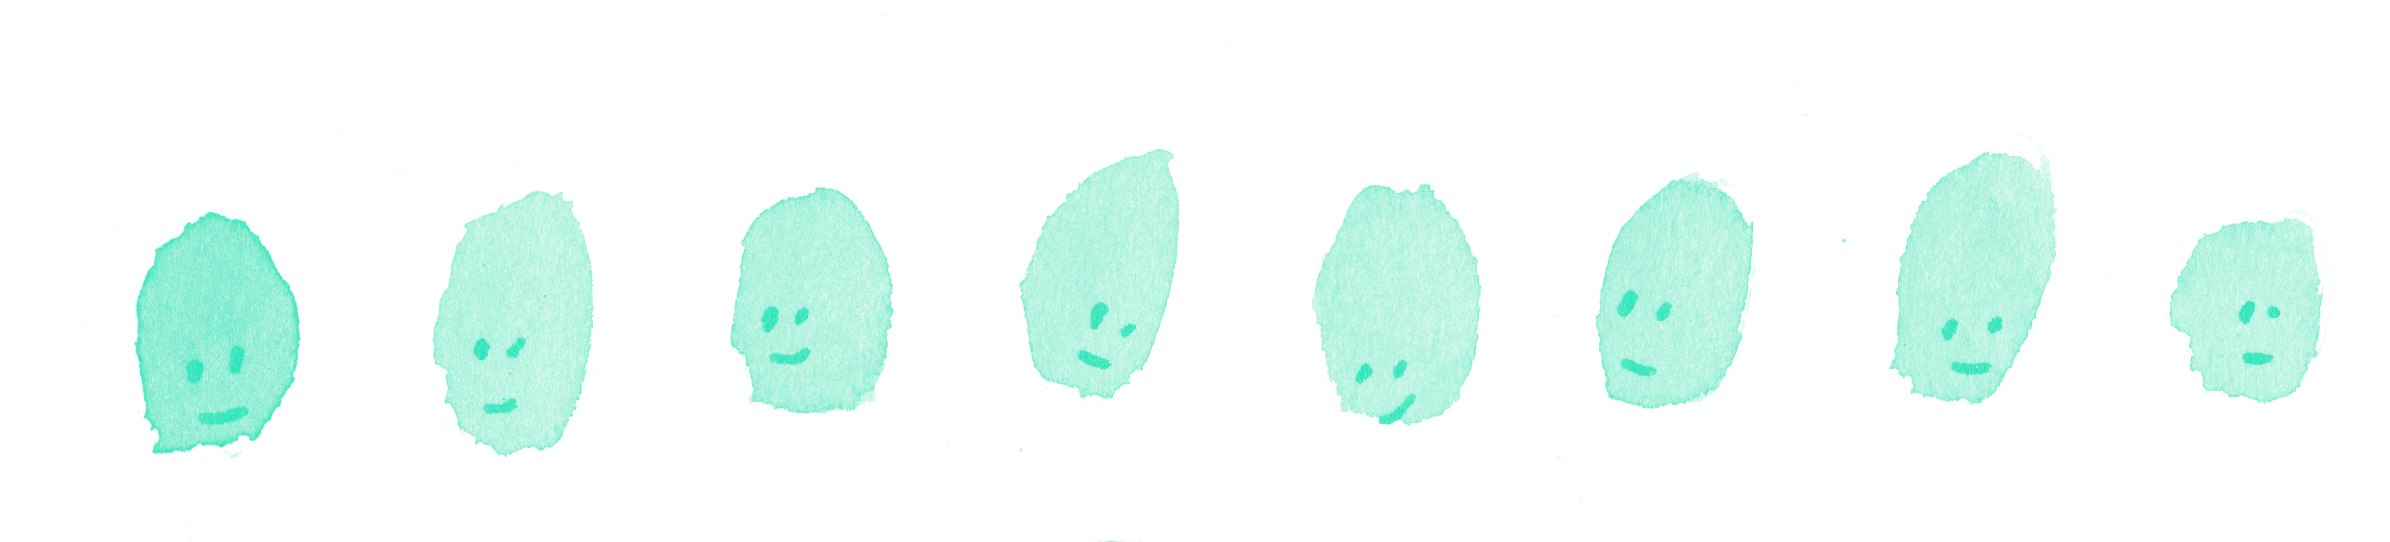 tites faces-1